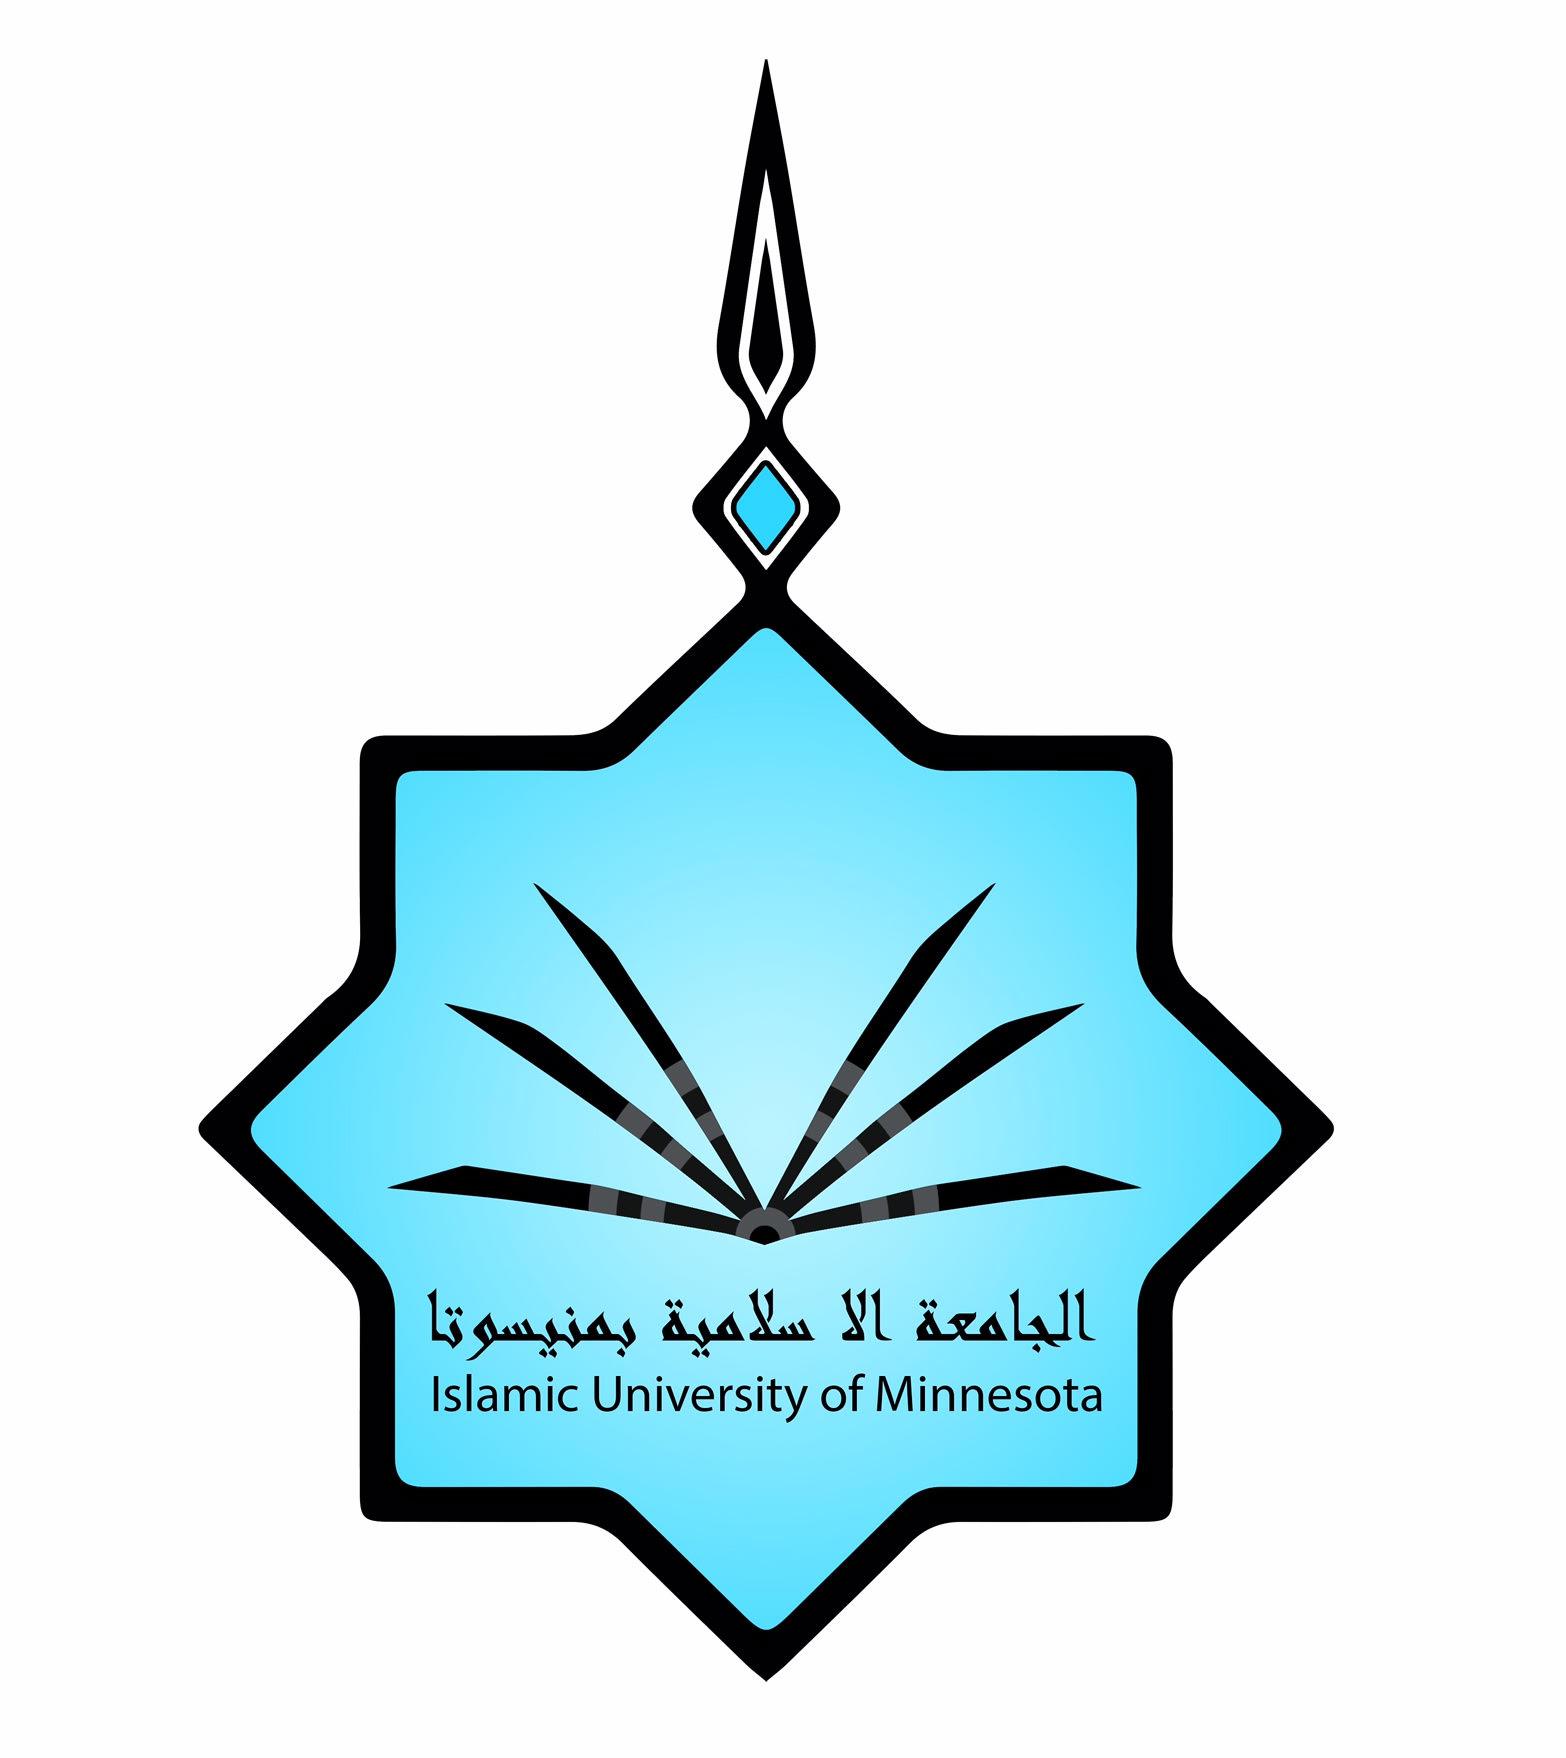 الجامعة الإسلامية بمنيسوتا